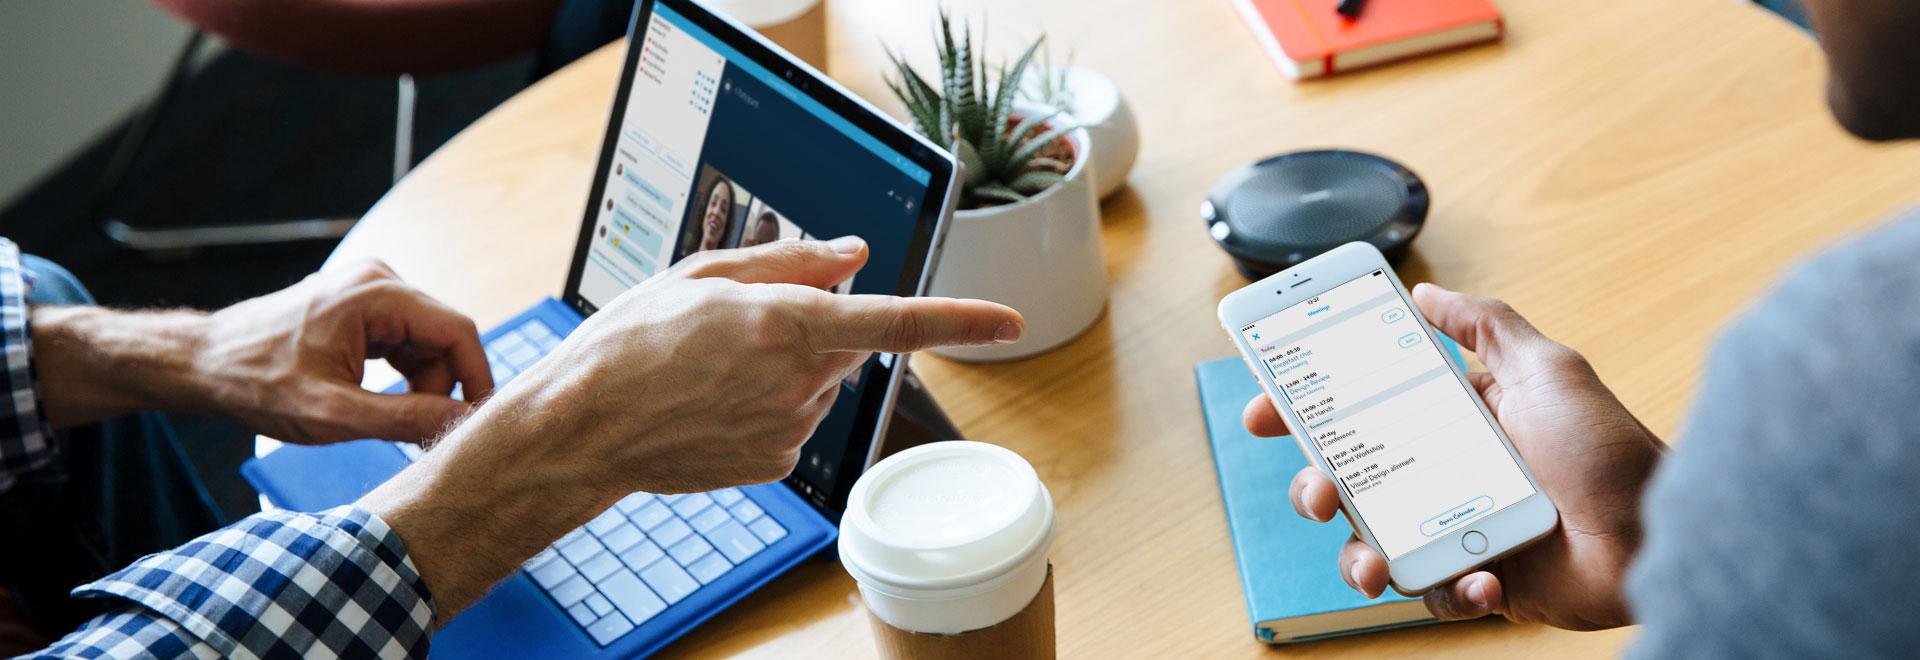 Zwei Personen an einem Schreibtisch, die Skype for Business auf dem Smartphone bzw. auf dem Laptop verwenden